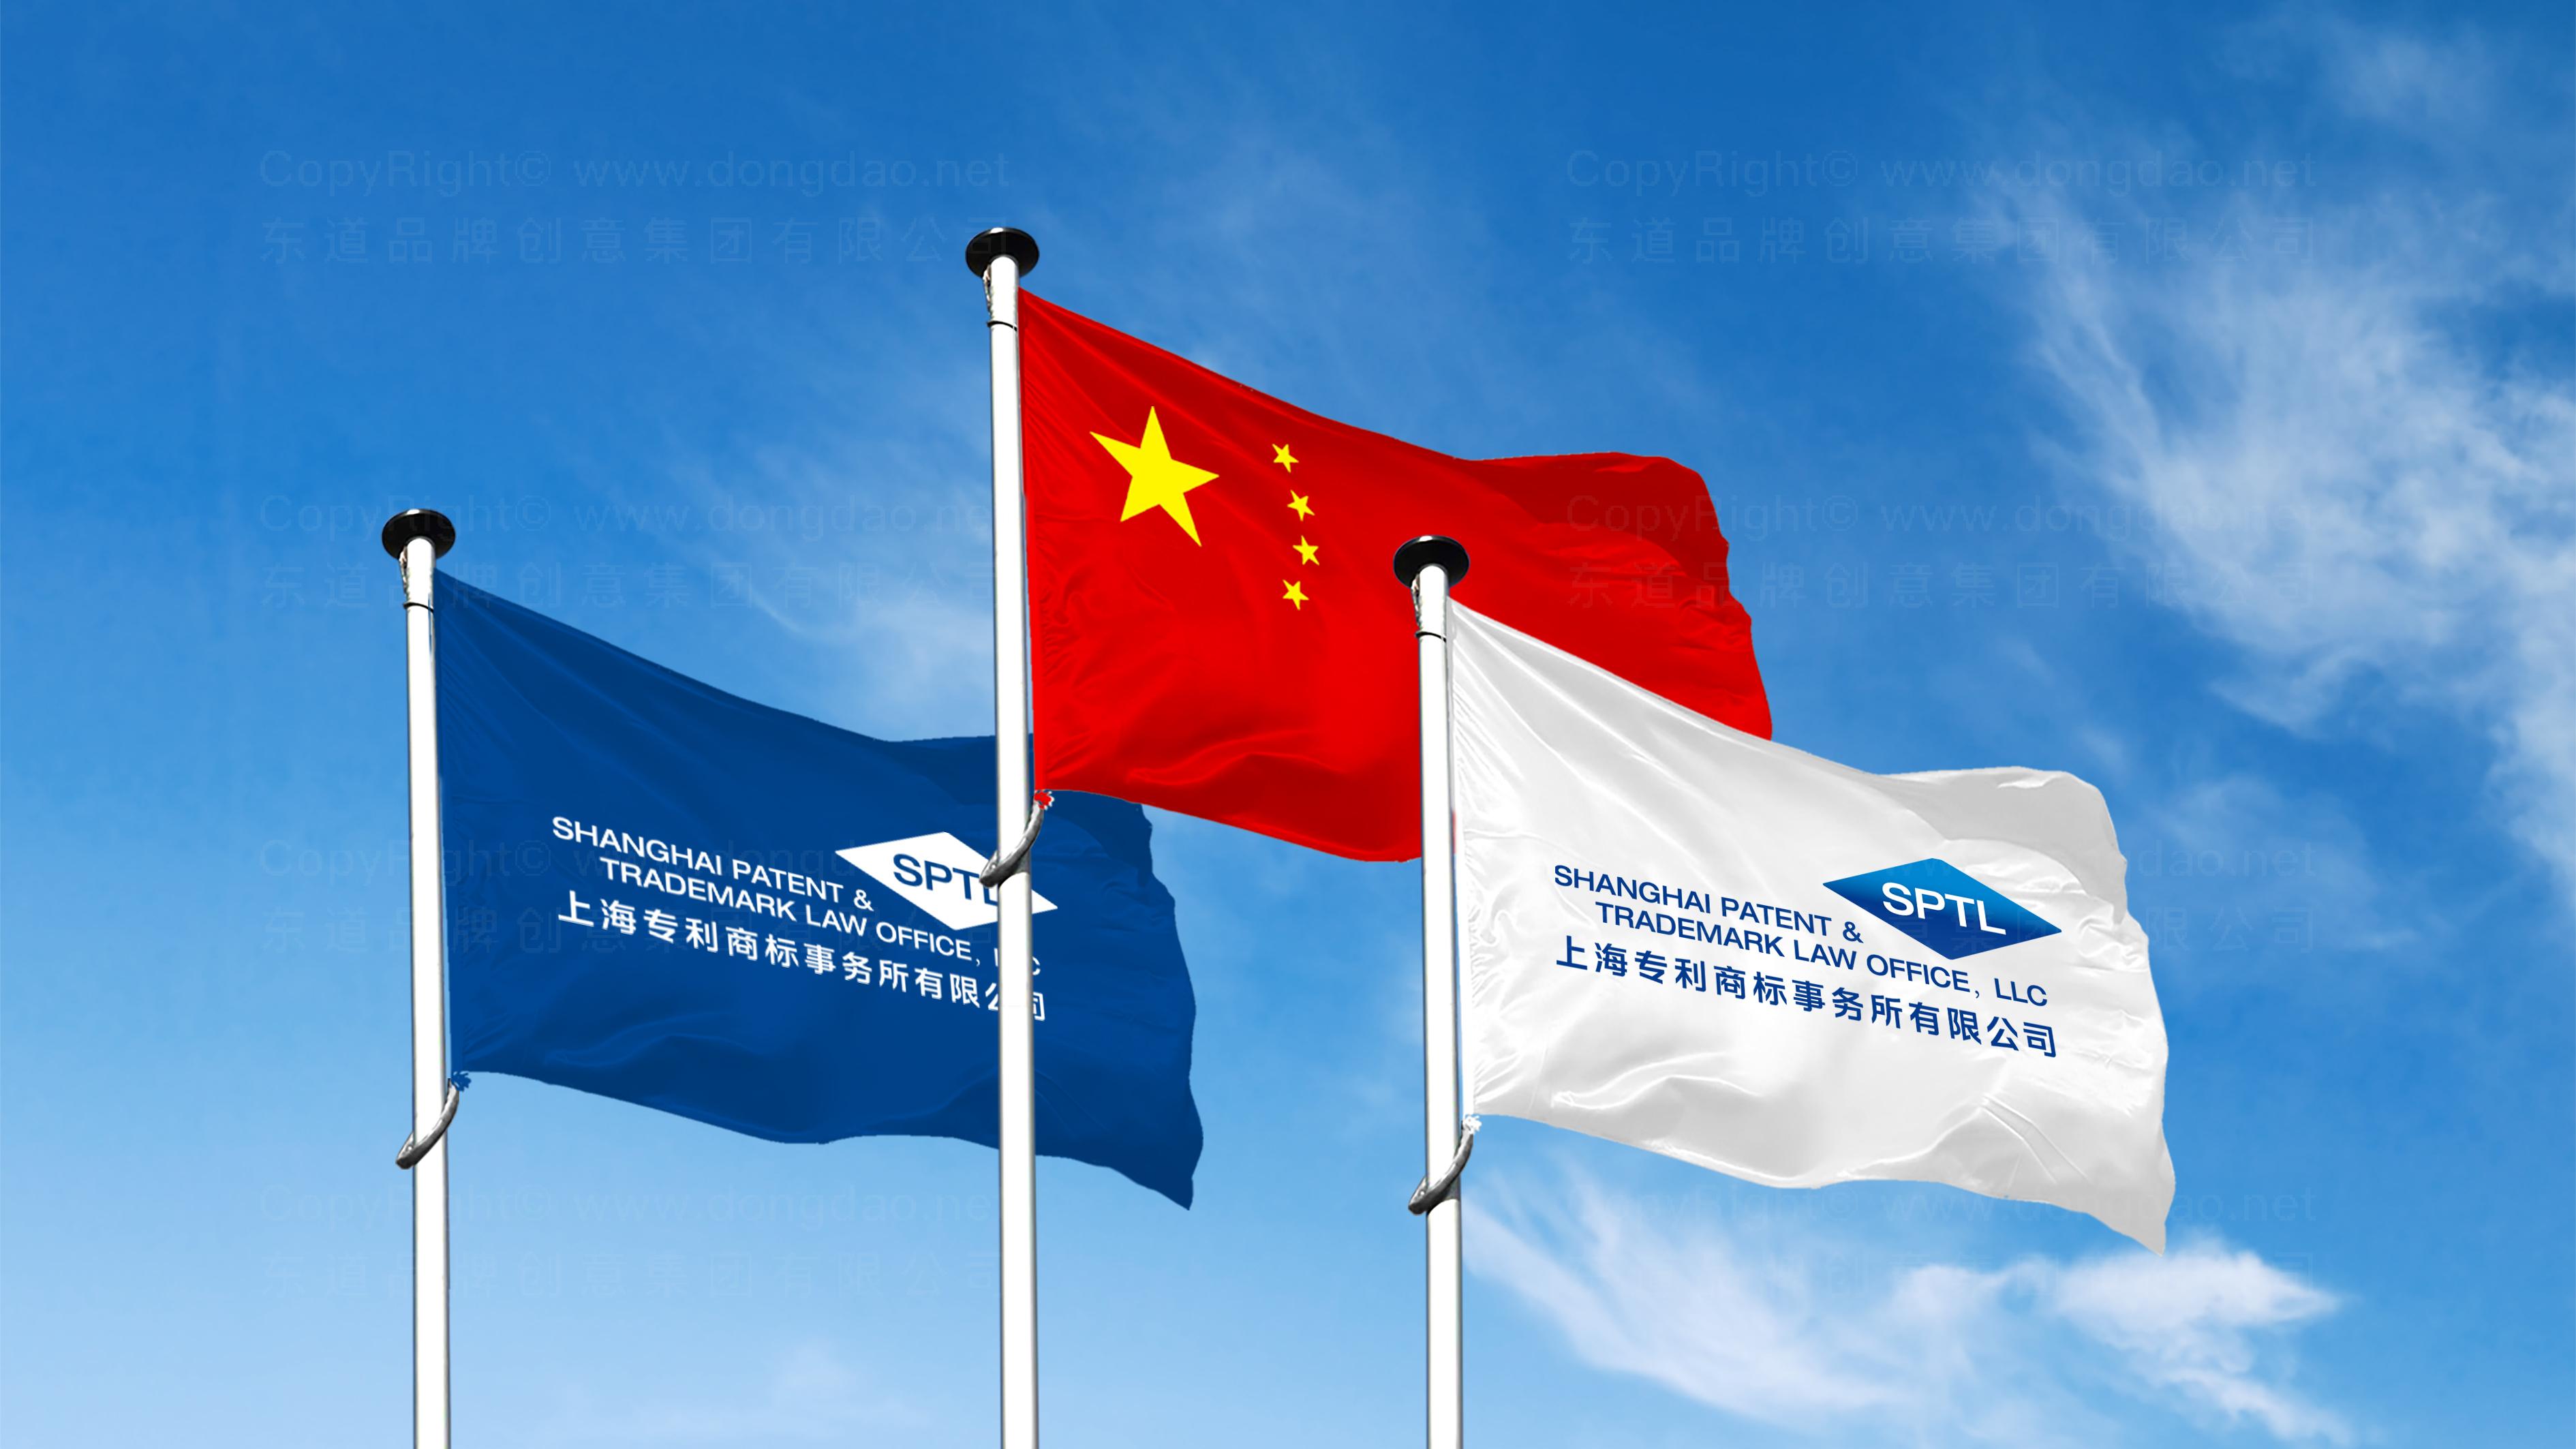 品牌设计上海专利商标事务所有限公司标志设计应用场景